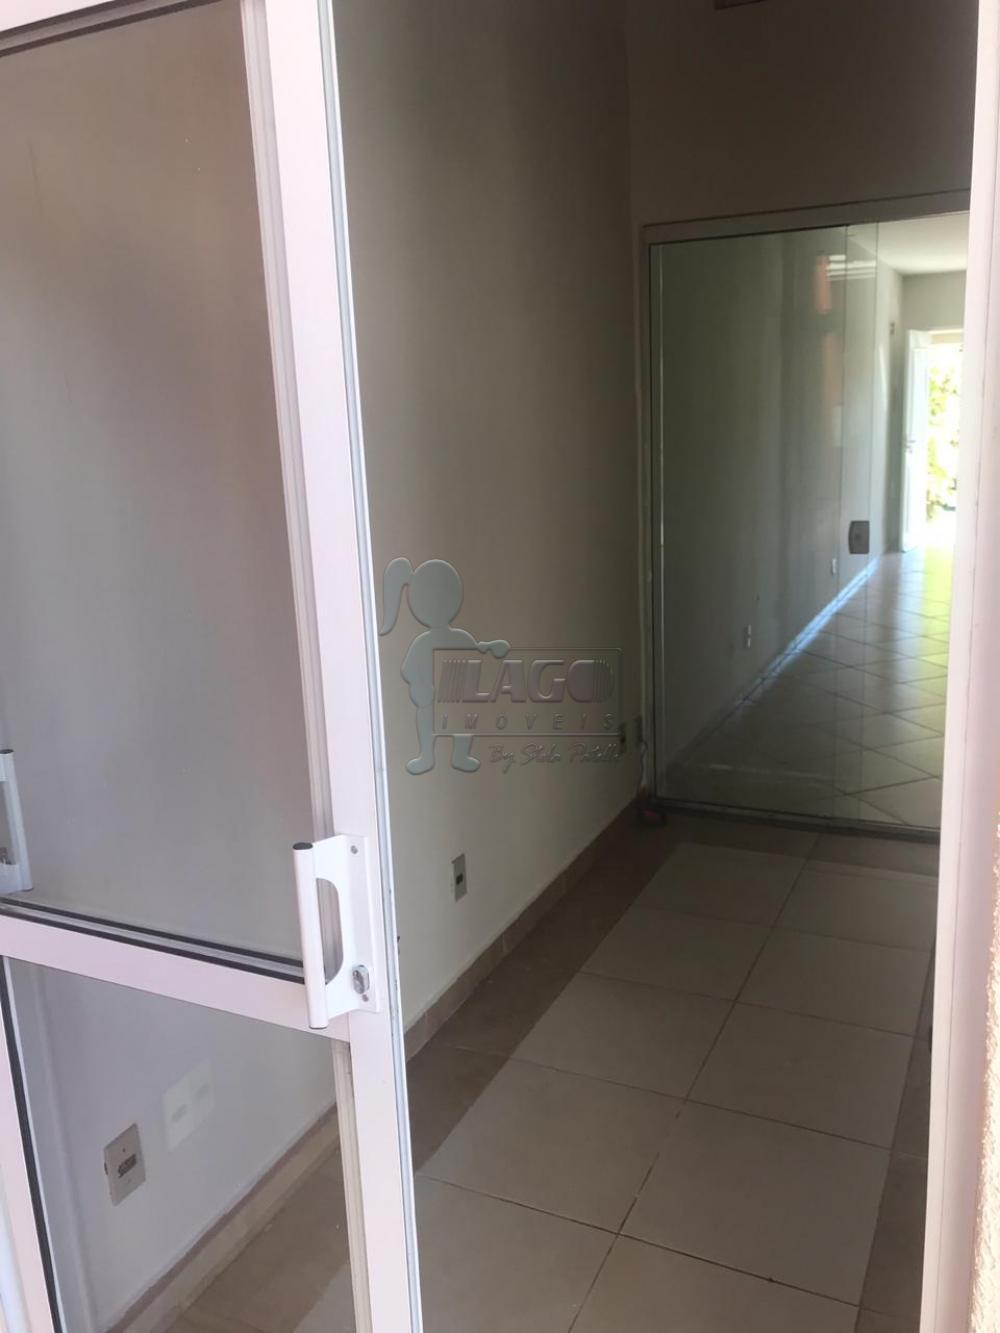 Alugar Casas / Condomínio em Ribeirão Preto apenas R$ 1.800,00 - Foto 6